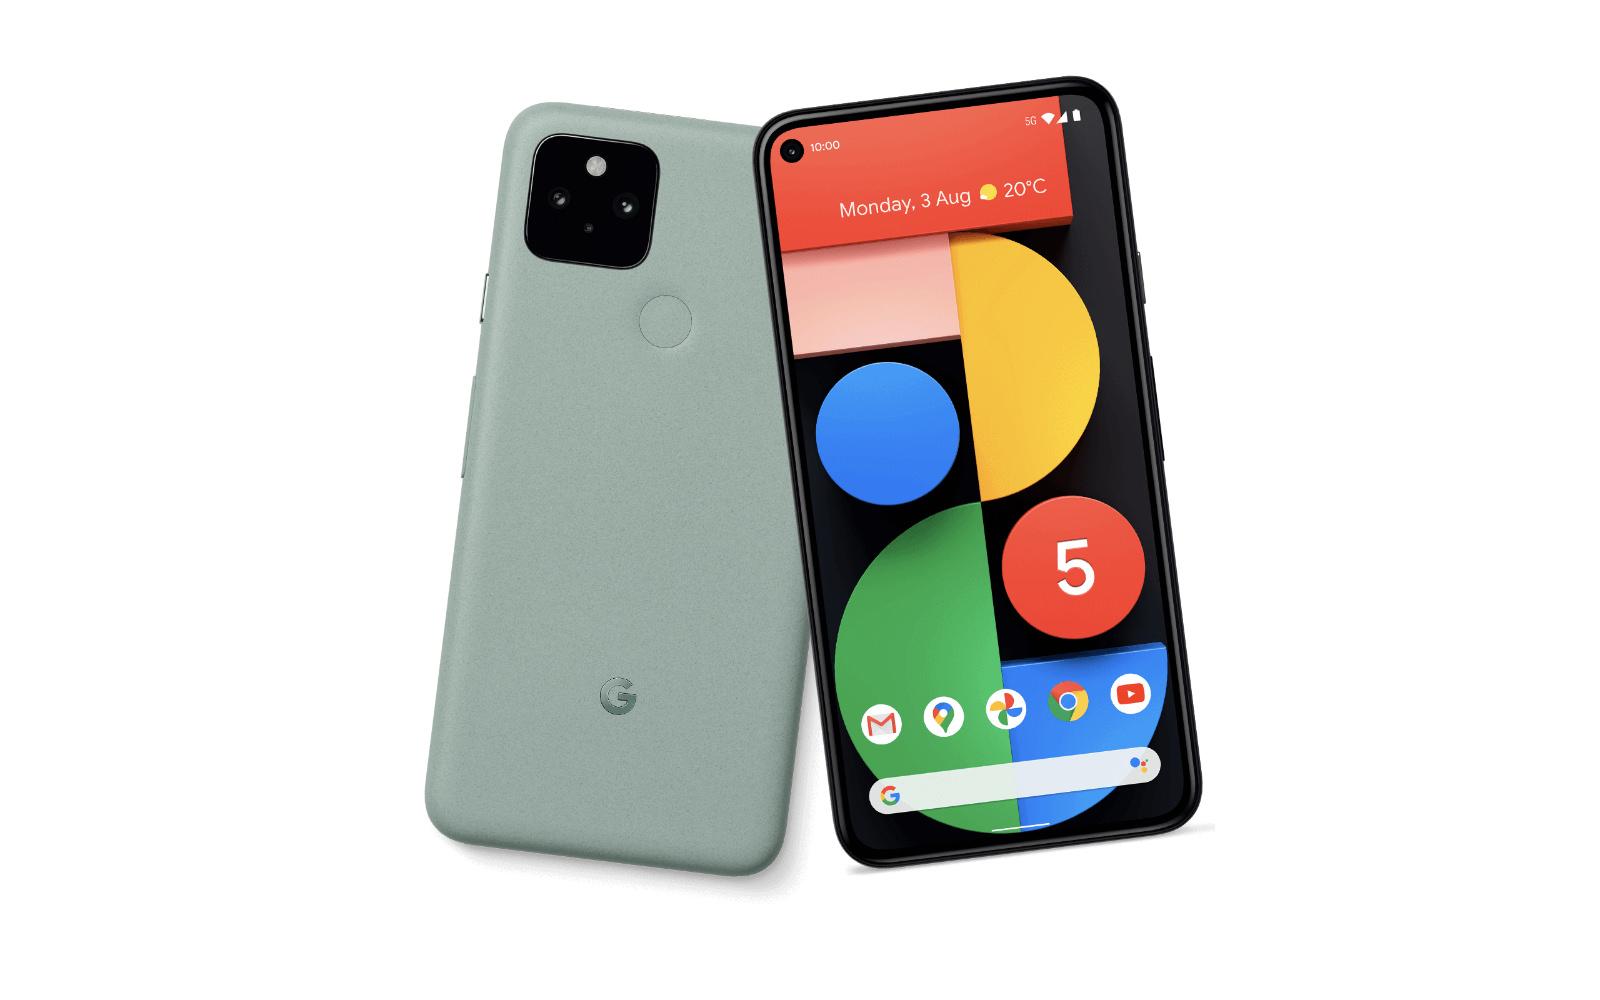 Pixel 5 green color